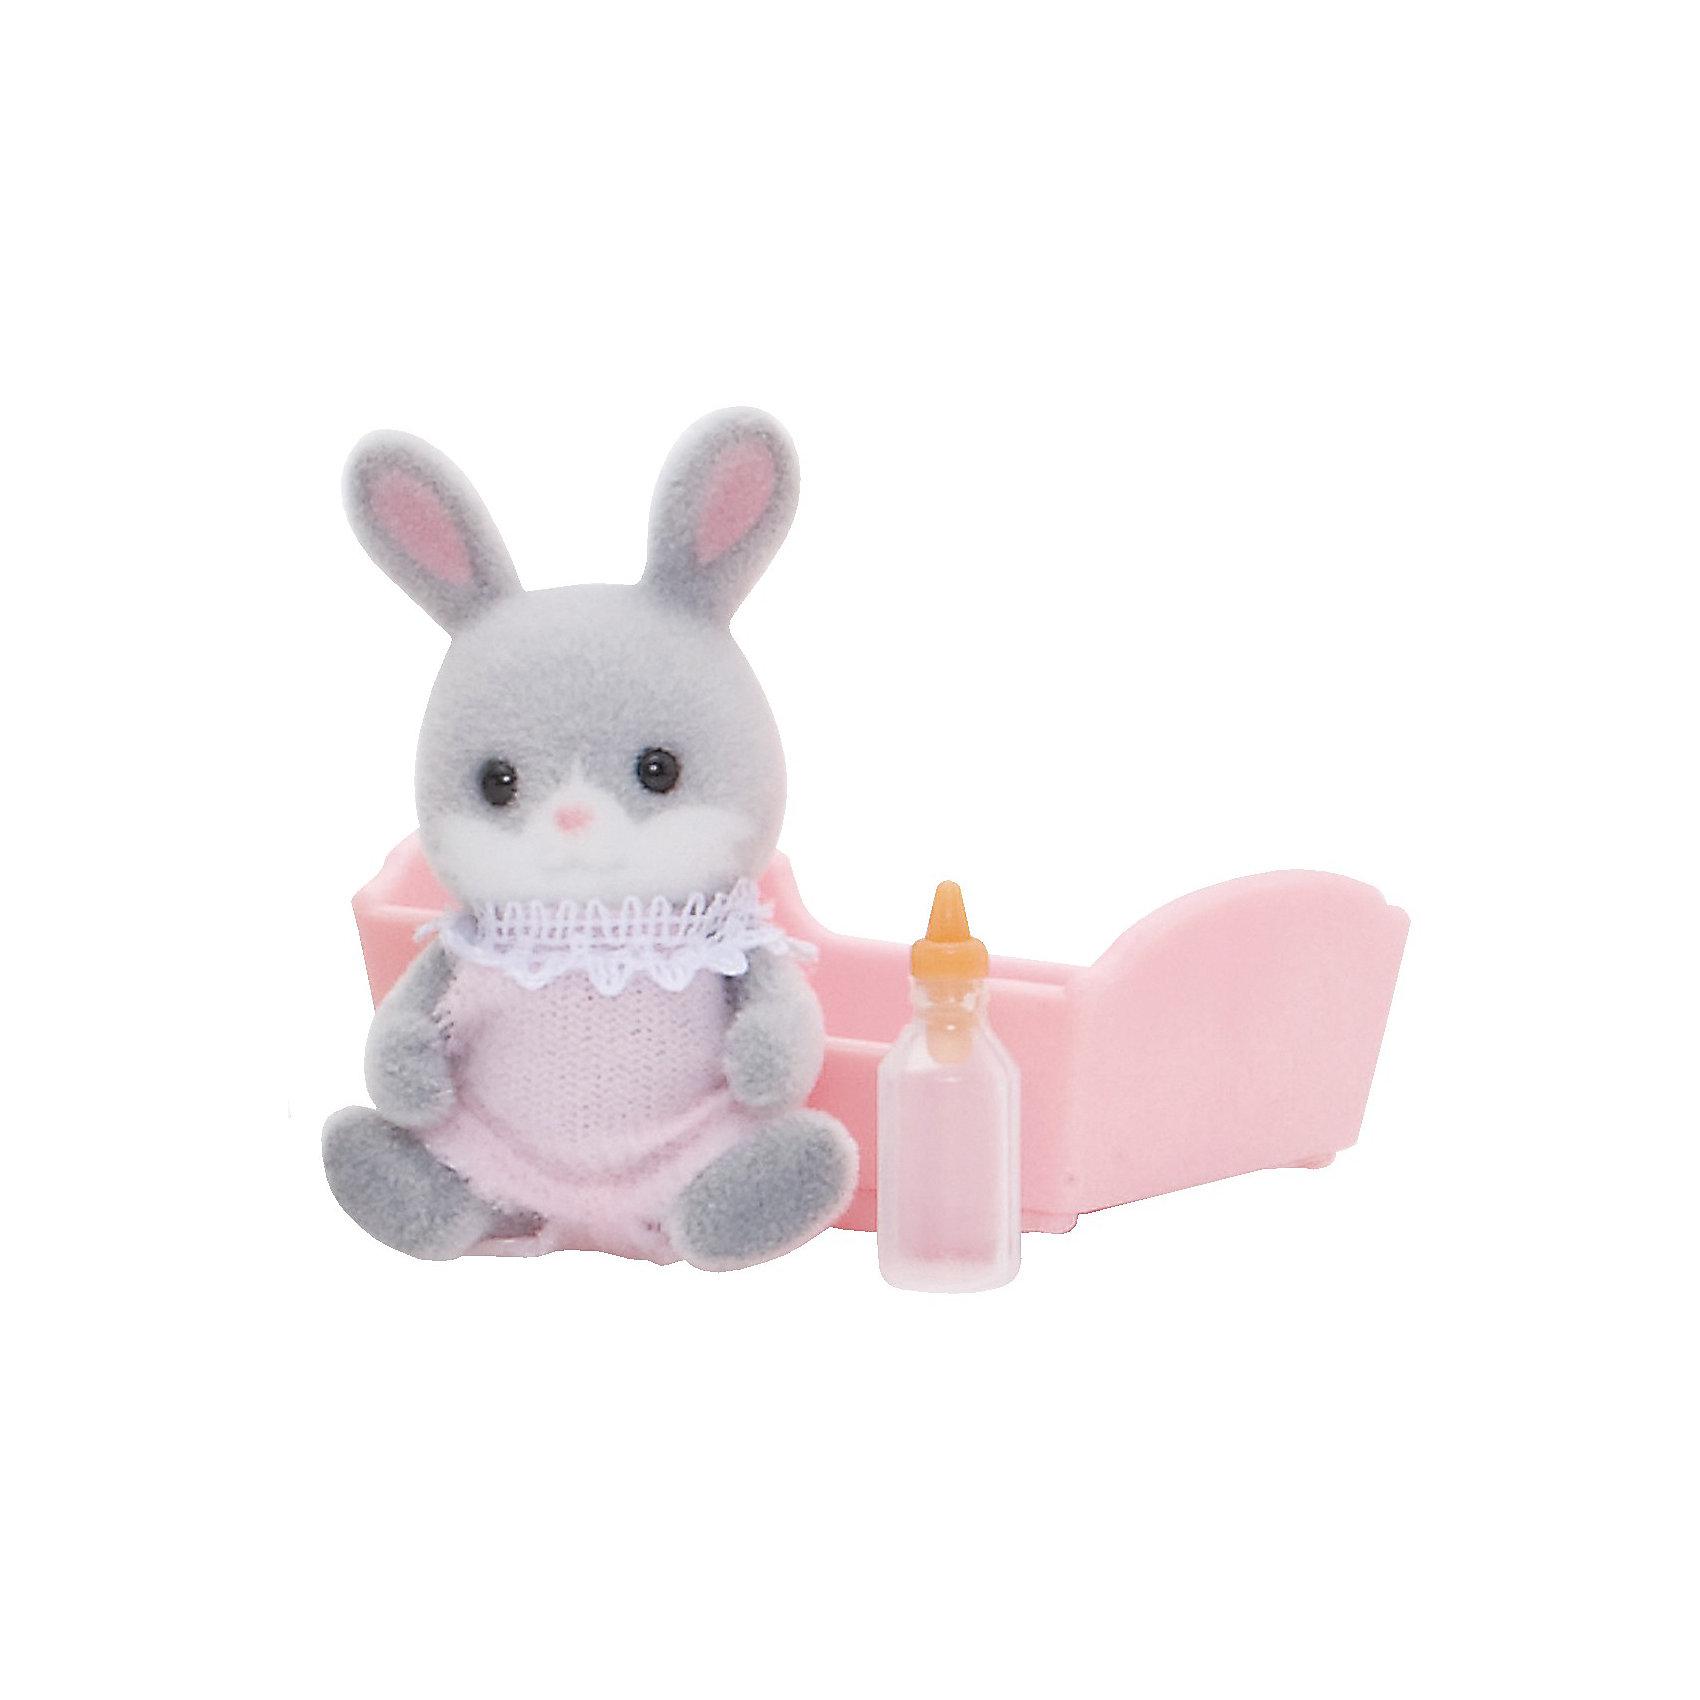 Набор Малыш Серый Кролик Sylvanian FamiliesSylvanian Families<br>Малыш серый кролик - сладкий малыш, о котором так и хочется позаботиться! Он одет в смешной комбинезончик и любит спать в своей колыбельке, особенно зимой. Малыша нужно покормить из бутылочки и уложить спать в уютную кроватку.  <br>Цвет комбинезончика может быть розовым или голубым.<br>В наборе Малыш серый кролик от Sylvanian Families (Сильвания Фэмили):<br>- мишка <br>- колыбелька<br>- бутылочка Размер коробки: 8 х 4 х 12 см.<br>Высота фигурок: 3,5 см                                                            <br>Материал: высококачественная пластмасса, ПВХ с полимерным напылением, текстиль. ВНИМАНИЕ! Данный артикул имеется в наличии в разных цветовых исполнениях. К сожалению, заранее выбрать определенный цвет не возможно.   <br><br>Ваш ребенок будет в восторге от этого малыша!<br><br>Ширина мм: 120<br>Глубина мм: 78<br>Высота мм: 38<br>Вес г: 37<br>Возраст от месяцев: 36<br>Возраст до месяцев: 72<br>Пол: Женский<br>Возраст: Детский<br>SKU: 2458908